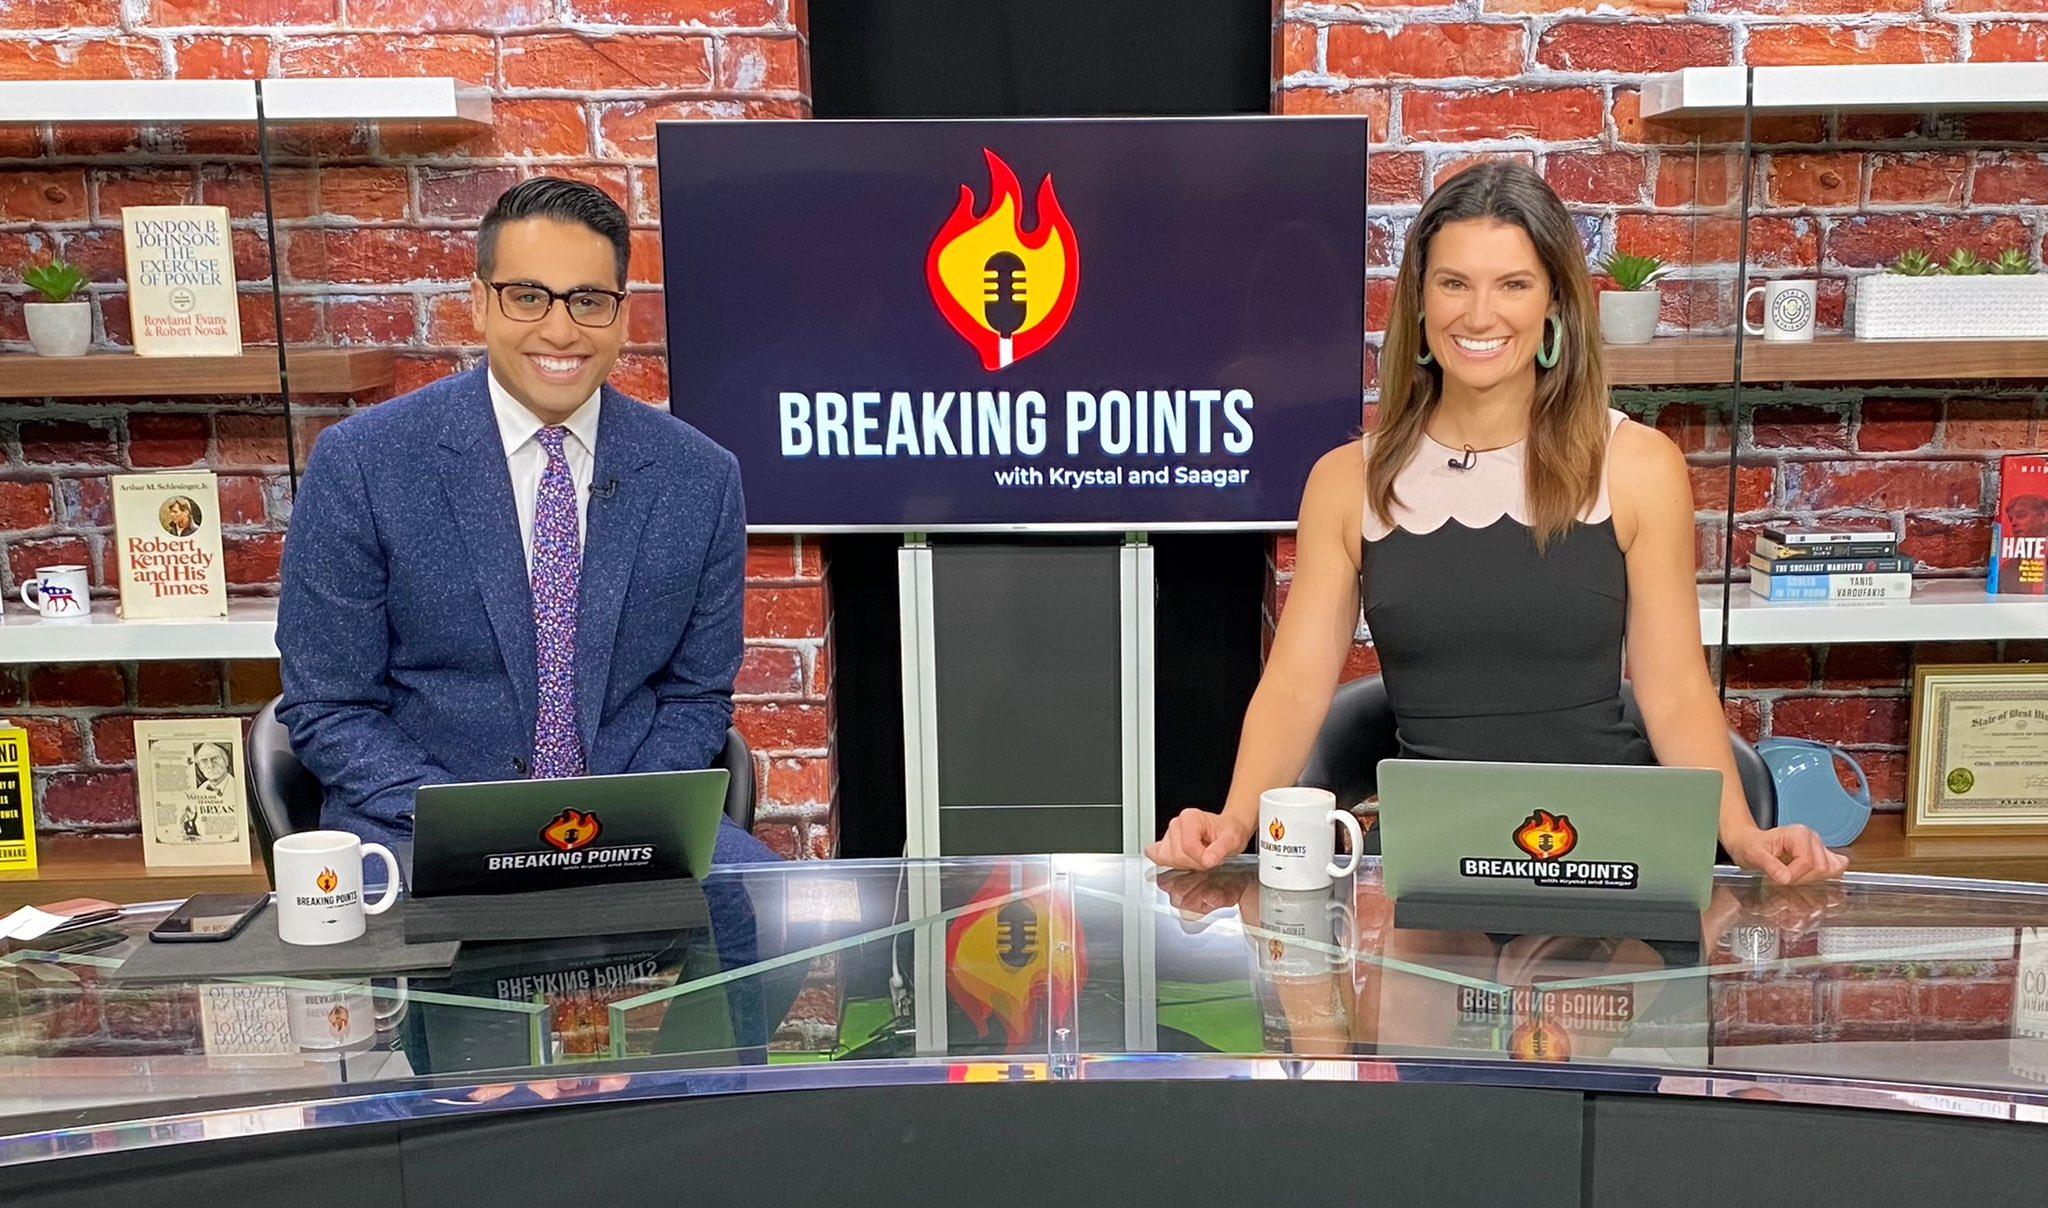 Saagar Enjeti & Krystal Ball, co-hosts of Breaking Points, on set